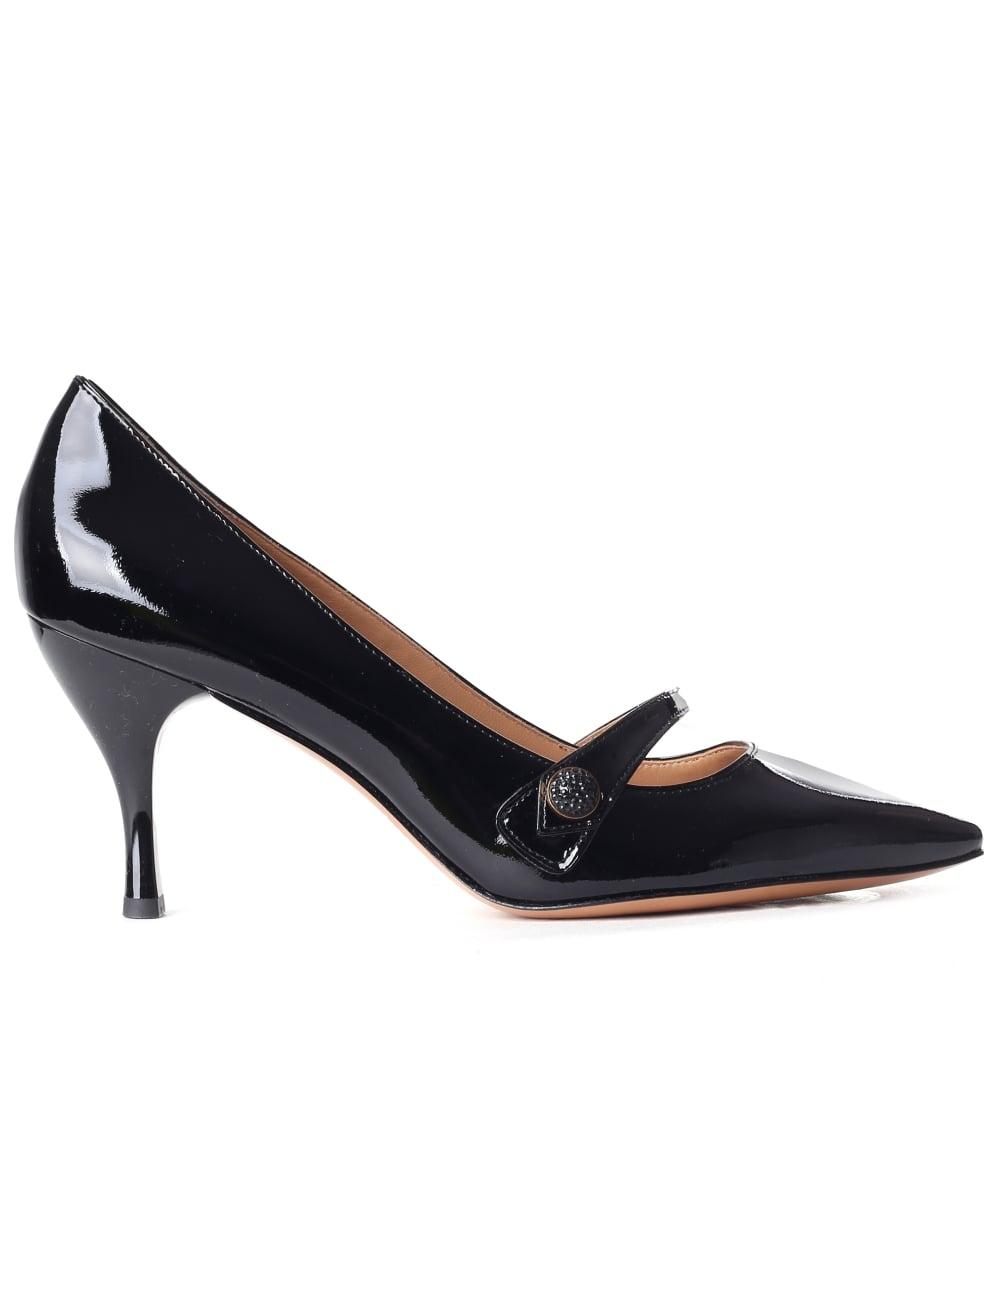 d877f5e02c59 Marc Jacobs Women s Joslyn Pump Heel Shoe